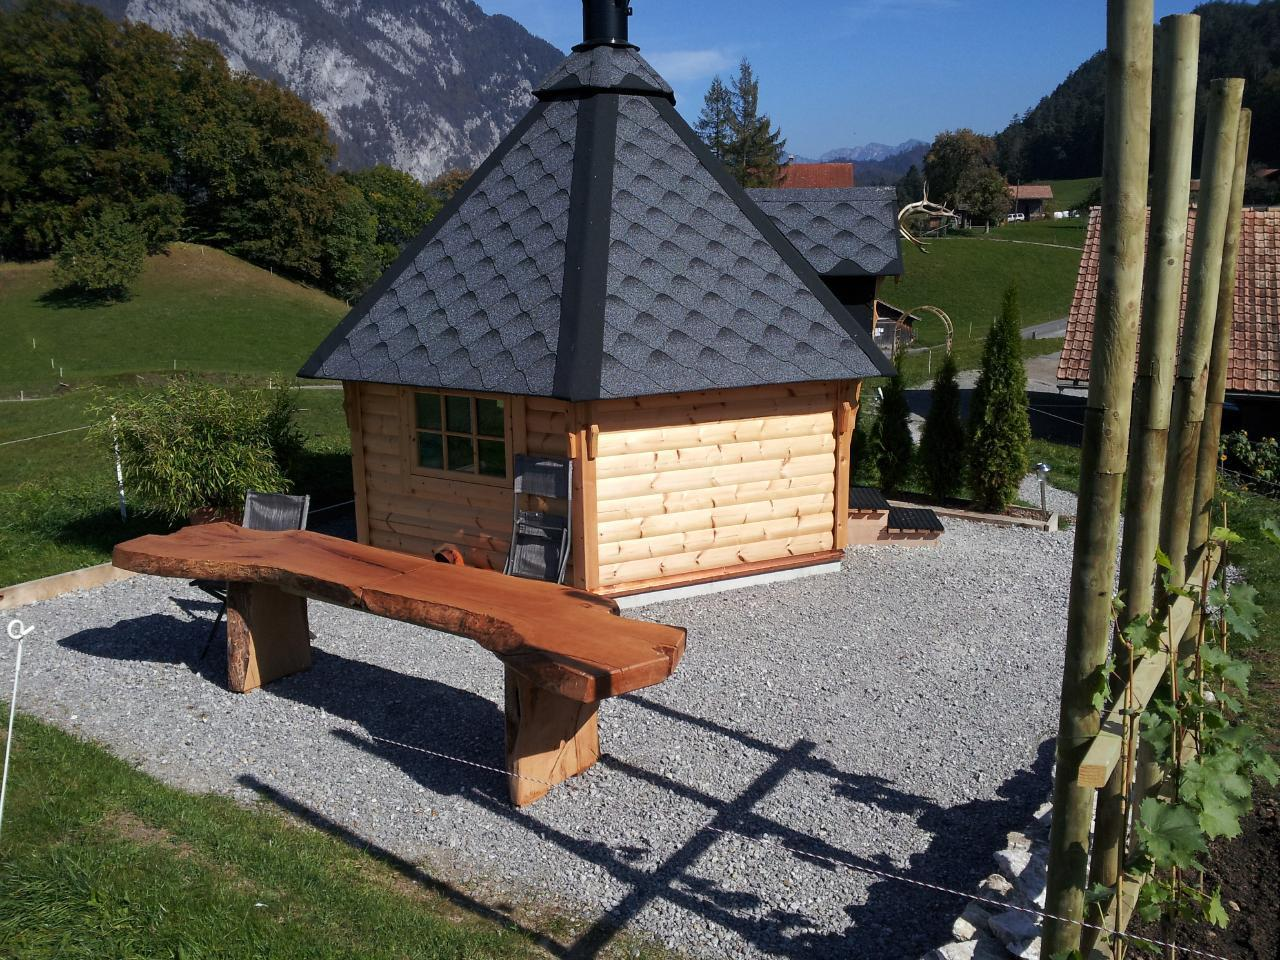 Appartement de vacances 2 Zimmer-Ferienwohnung im Altholz-Stil (2470618), Oey, Diemtigtal, Oberland bernois, Suisse, image 24